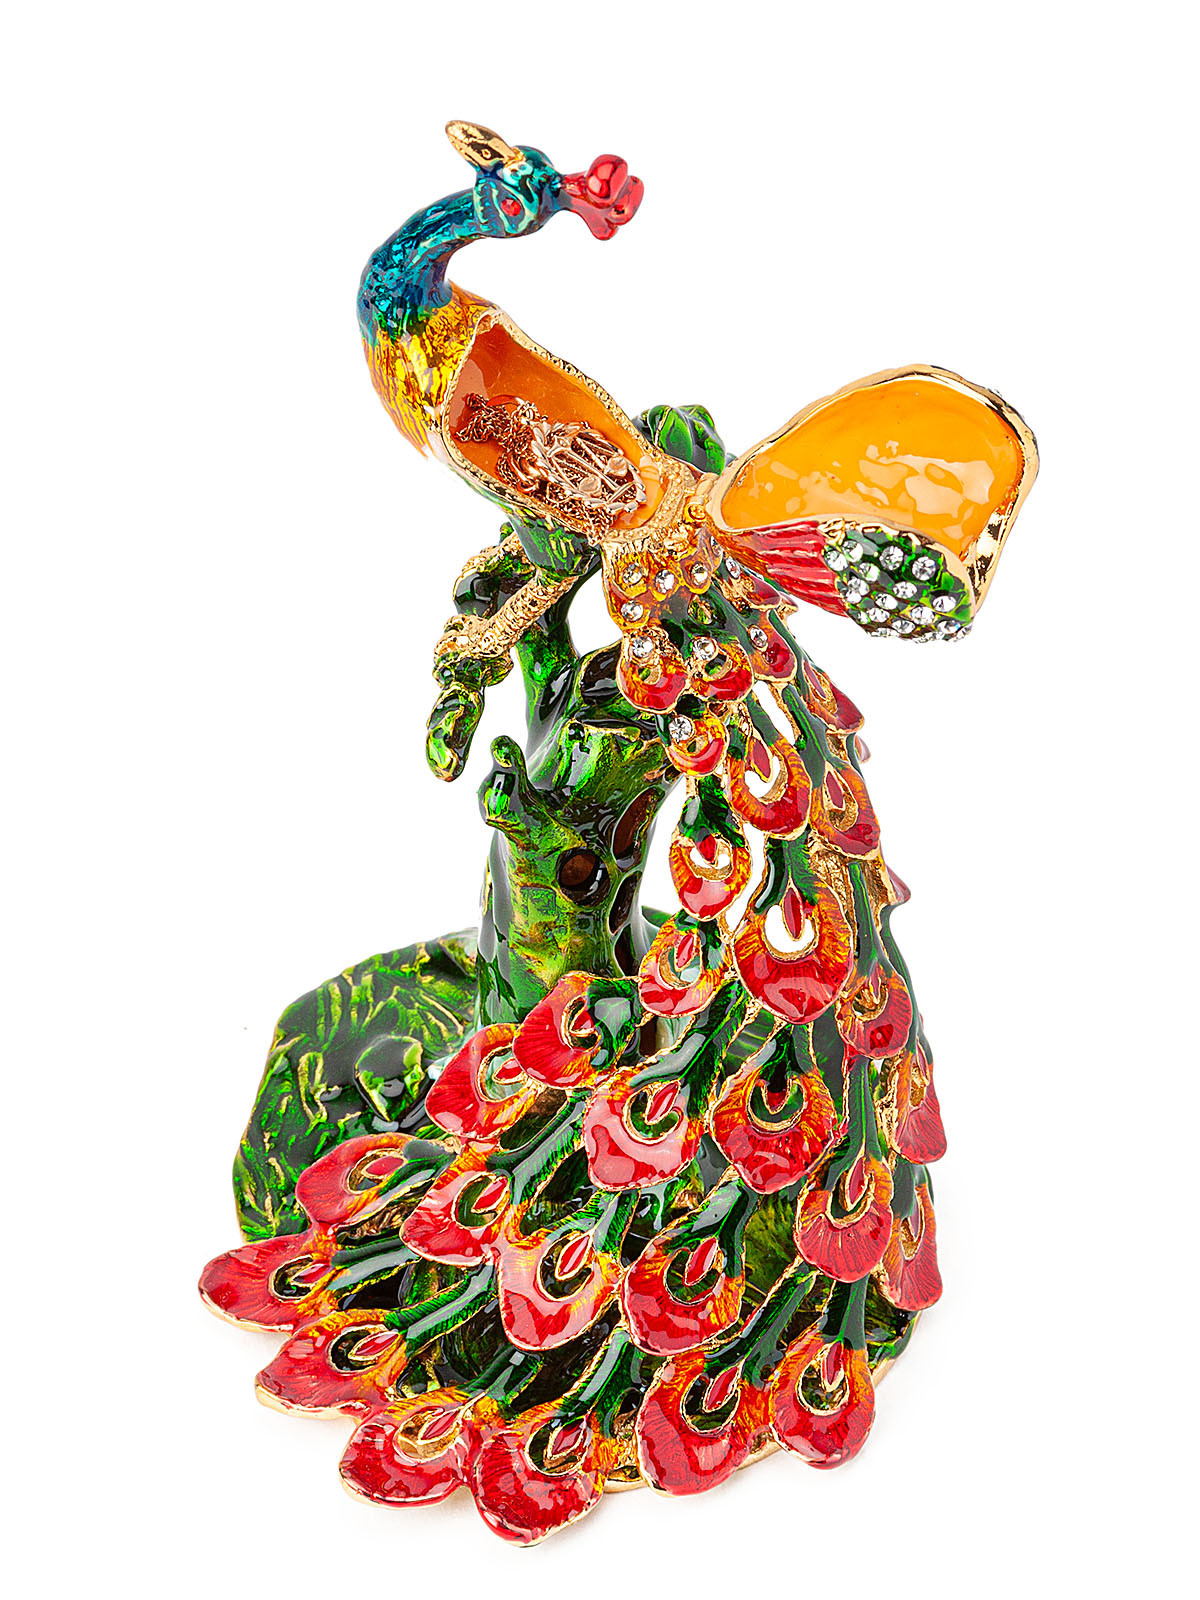 Шкатулка для украшений Павлин S-5332 зеленый